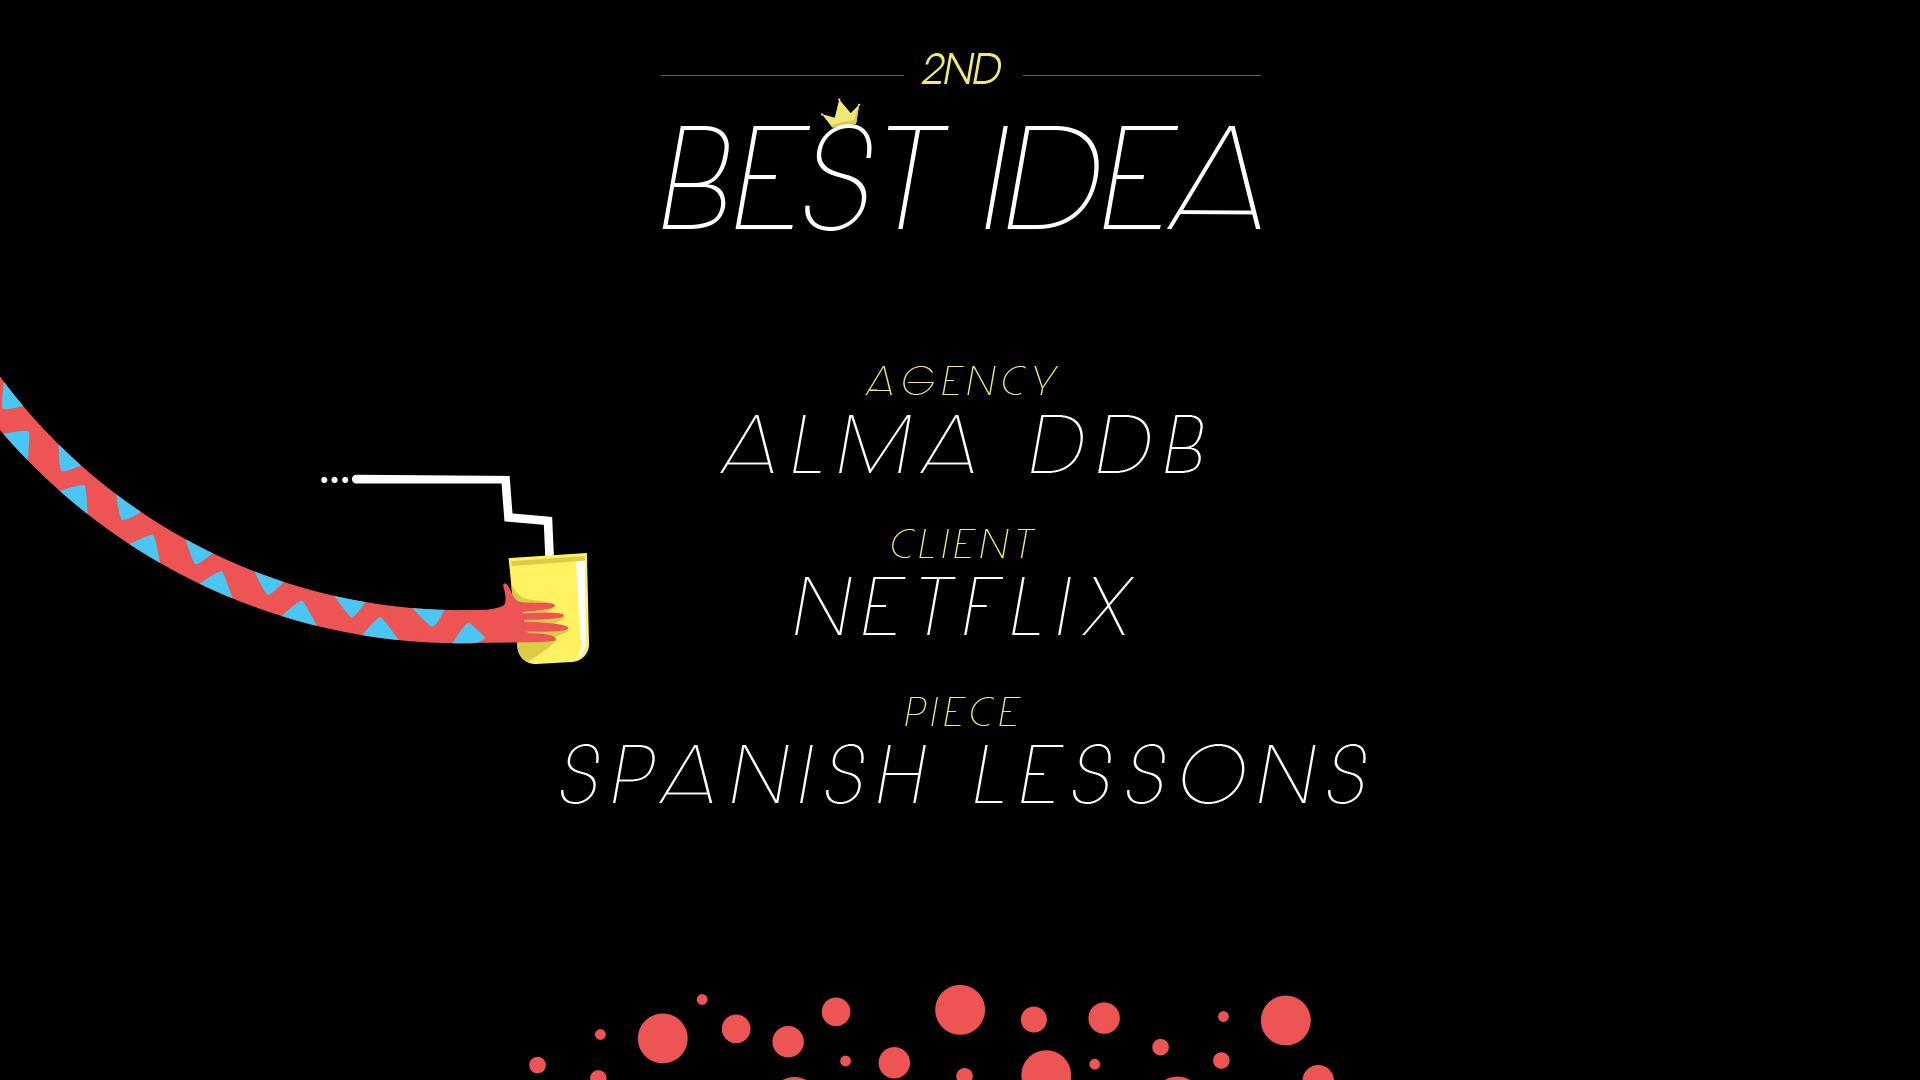 PLACAS BEST IDEA_2ND.png